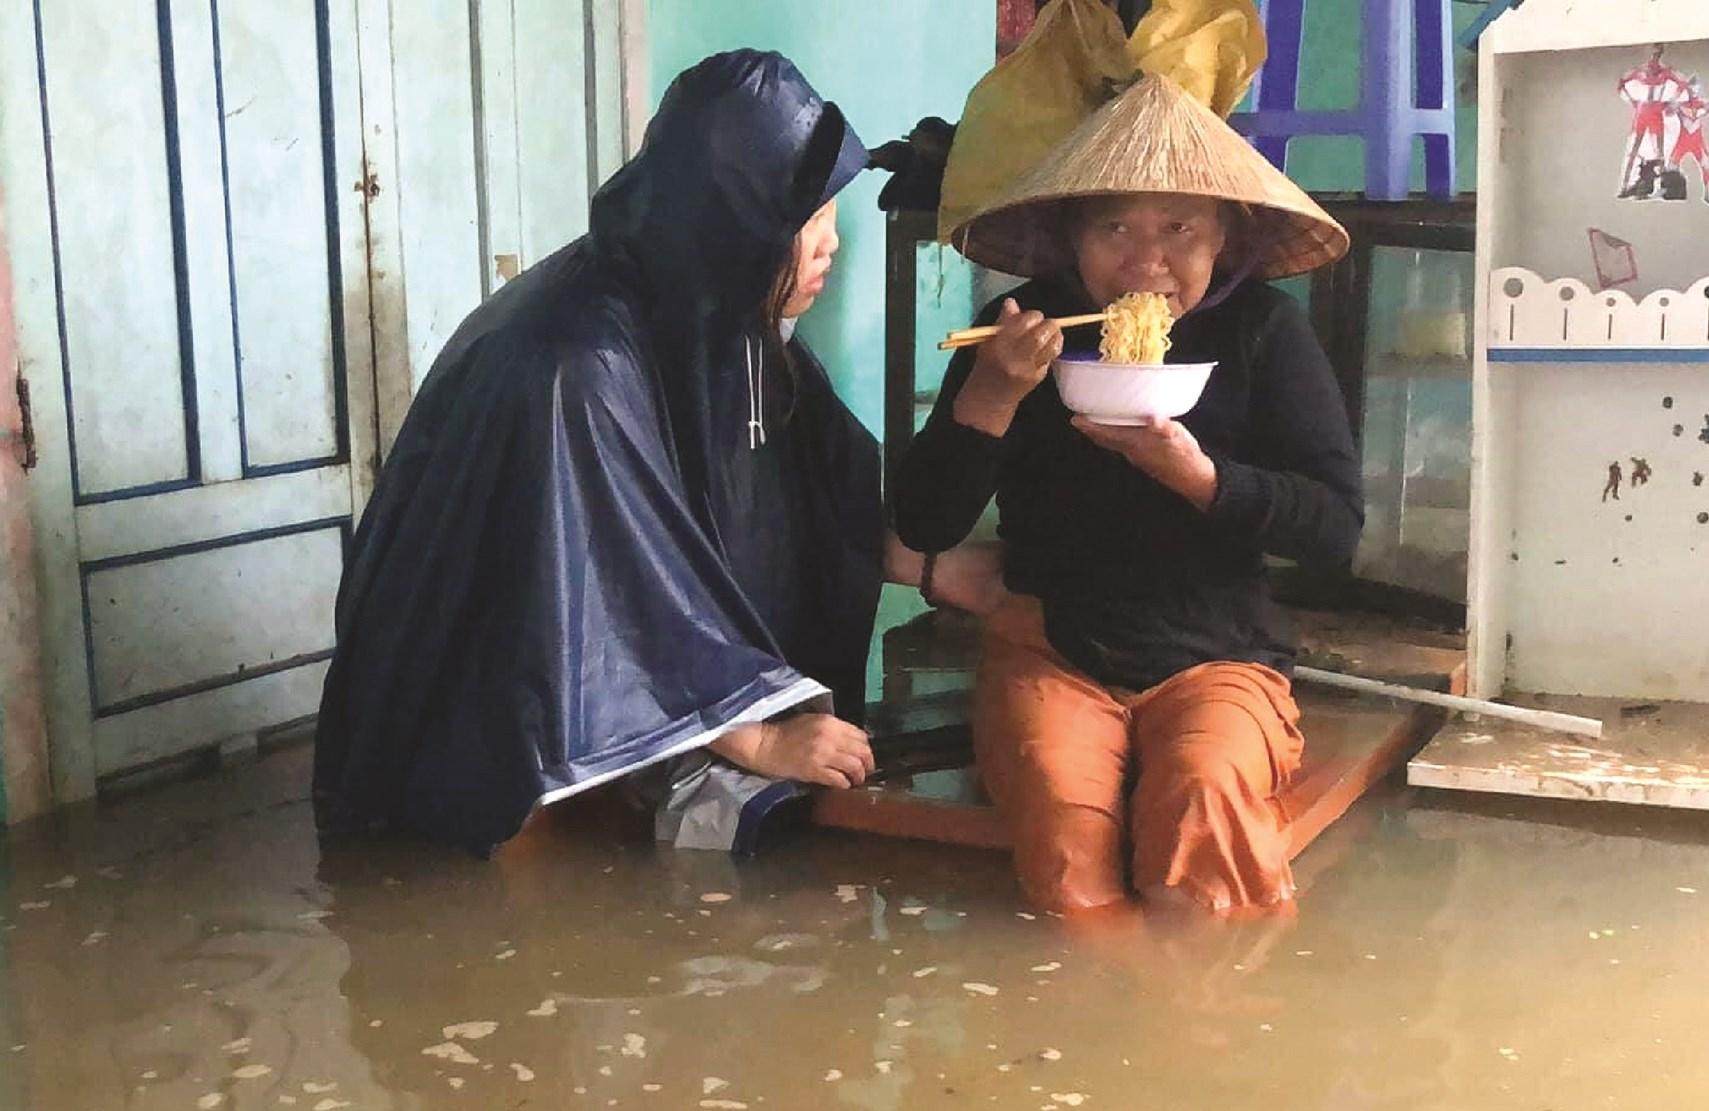 Hai người phụ nữ trong vùng lũ ở Quảng Trị, một người là người dân trong vùng lũ nhiều ngày thiếu lương thực đang bưng bát mỳ tôm, người còn lại là người mang lương thực đến cứu trợ